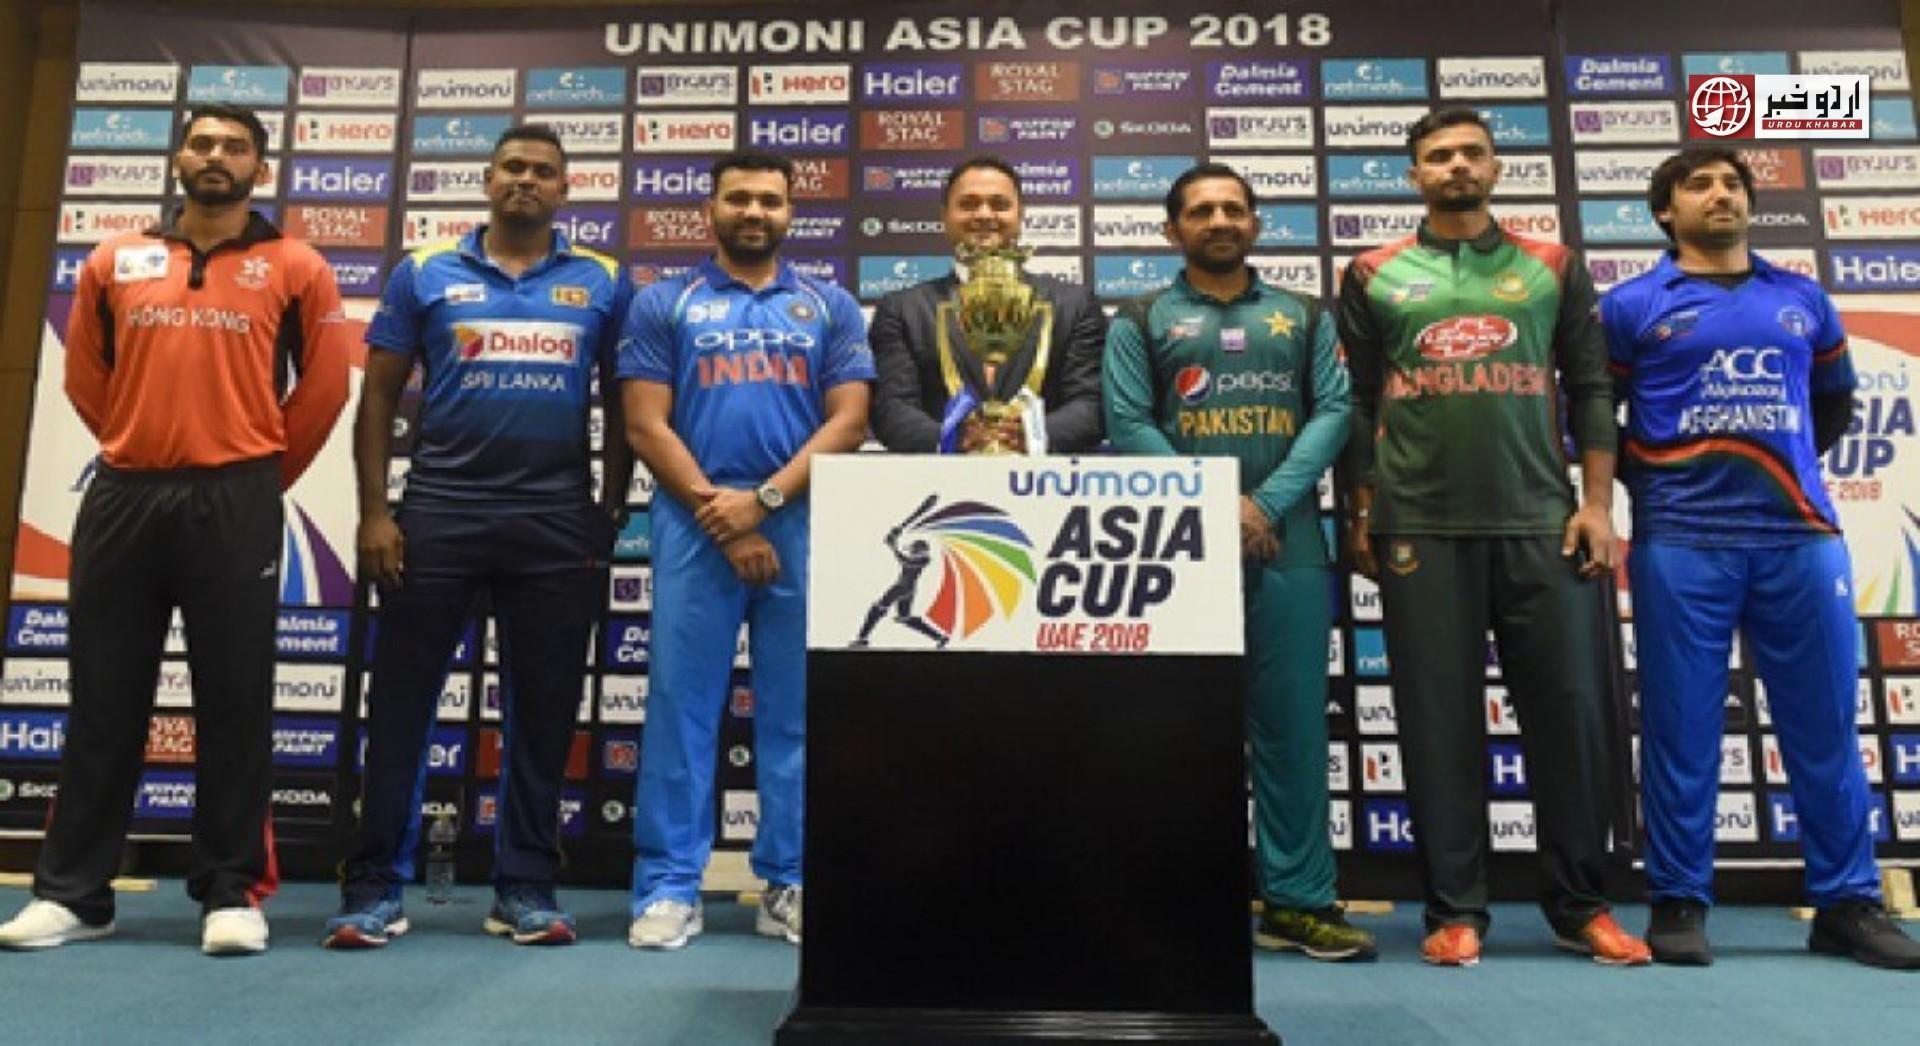 ایشیاء کپ کرکٹ ٹورنامنٹ ملتوی ہو گیا